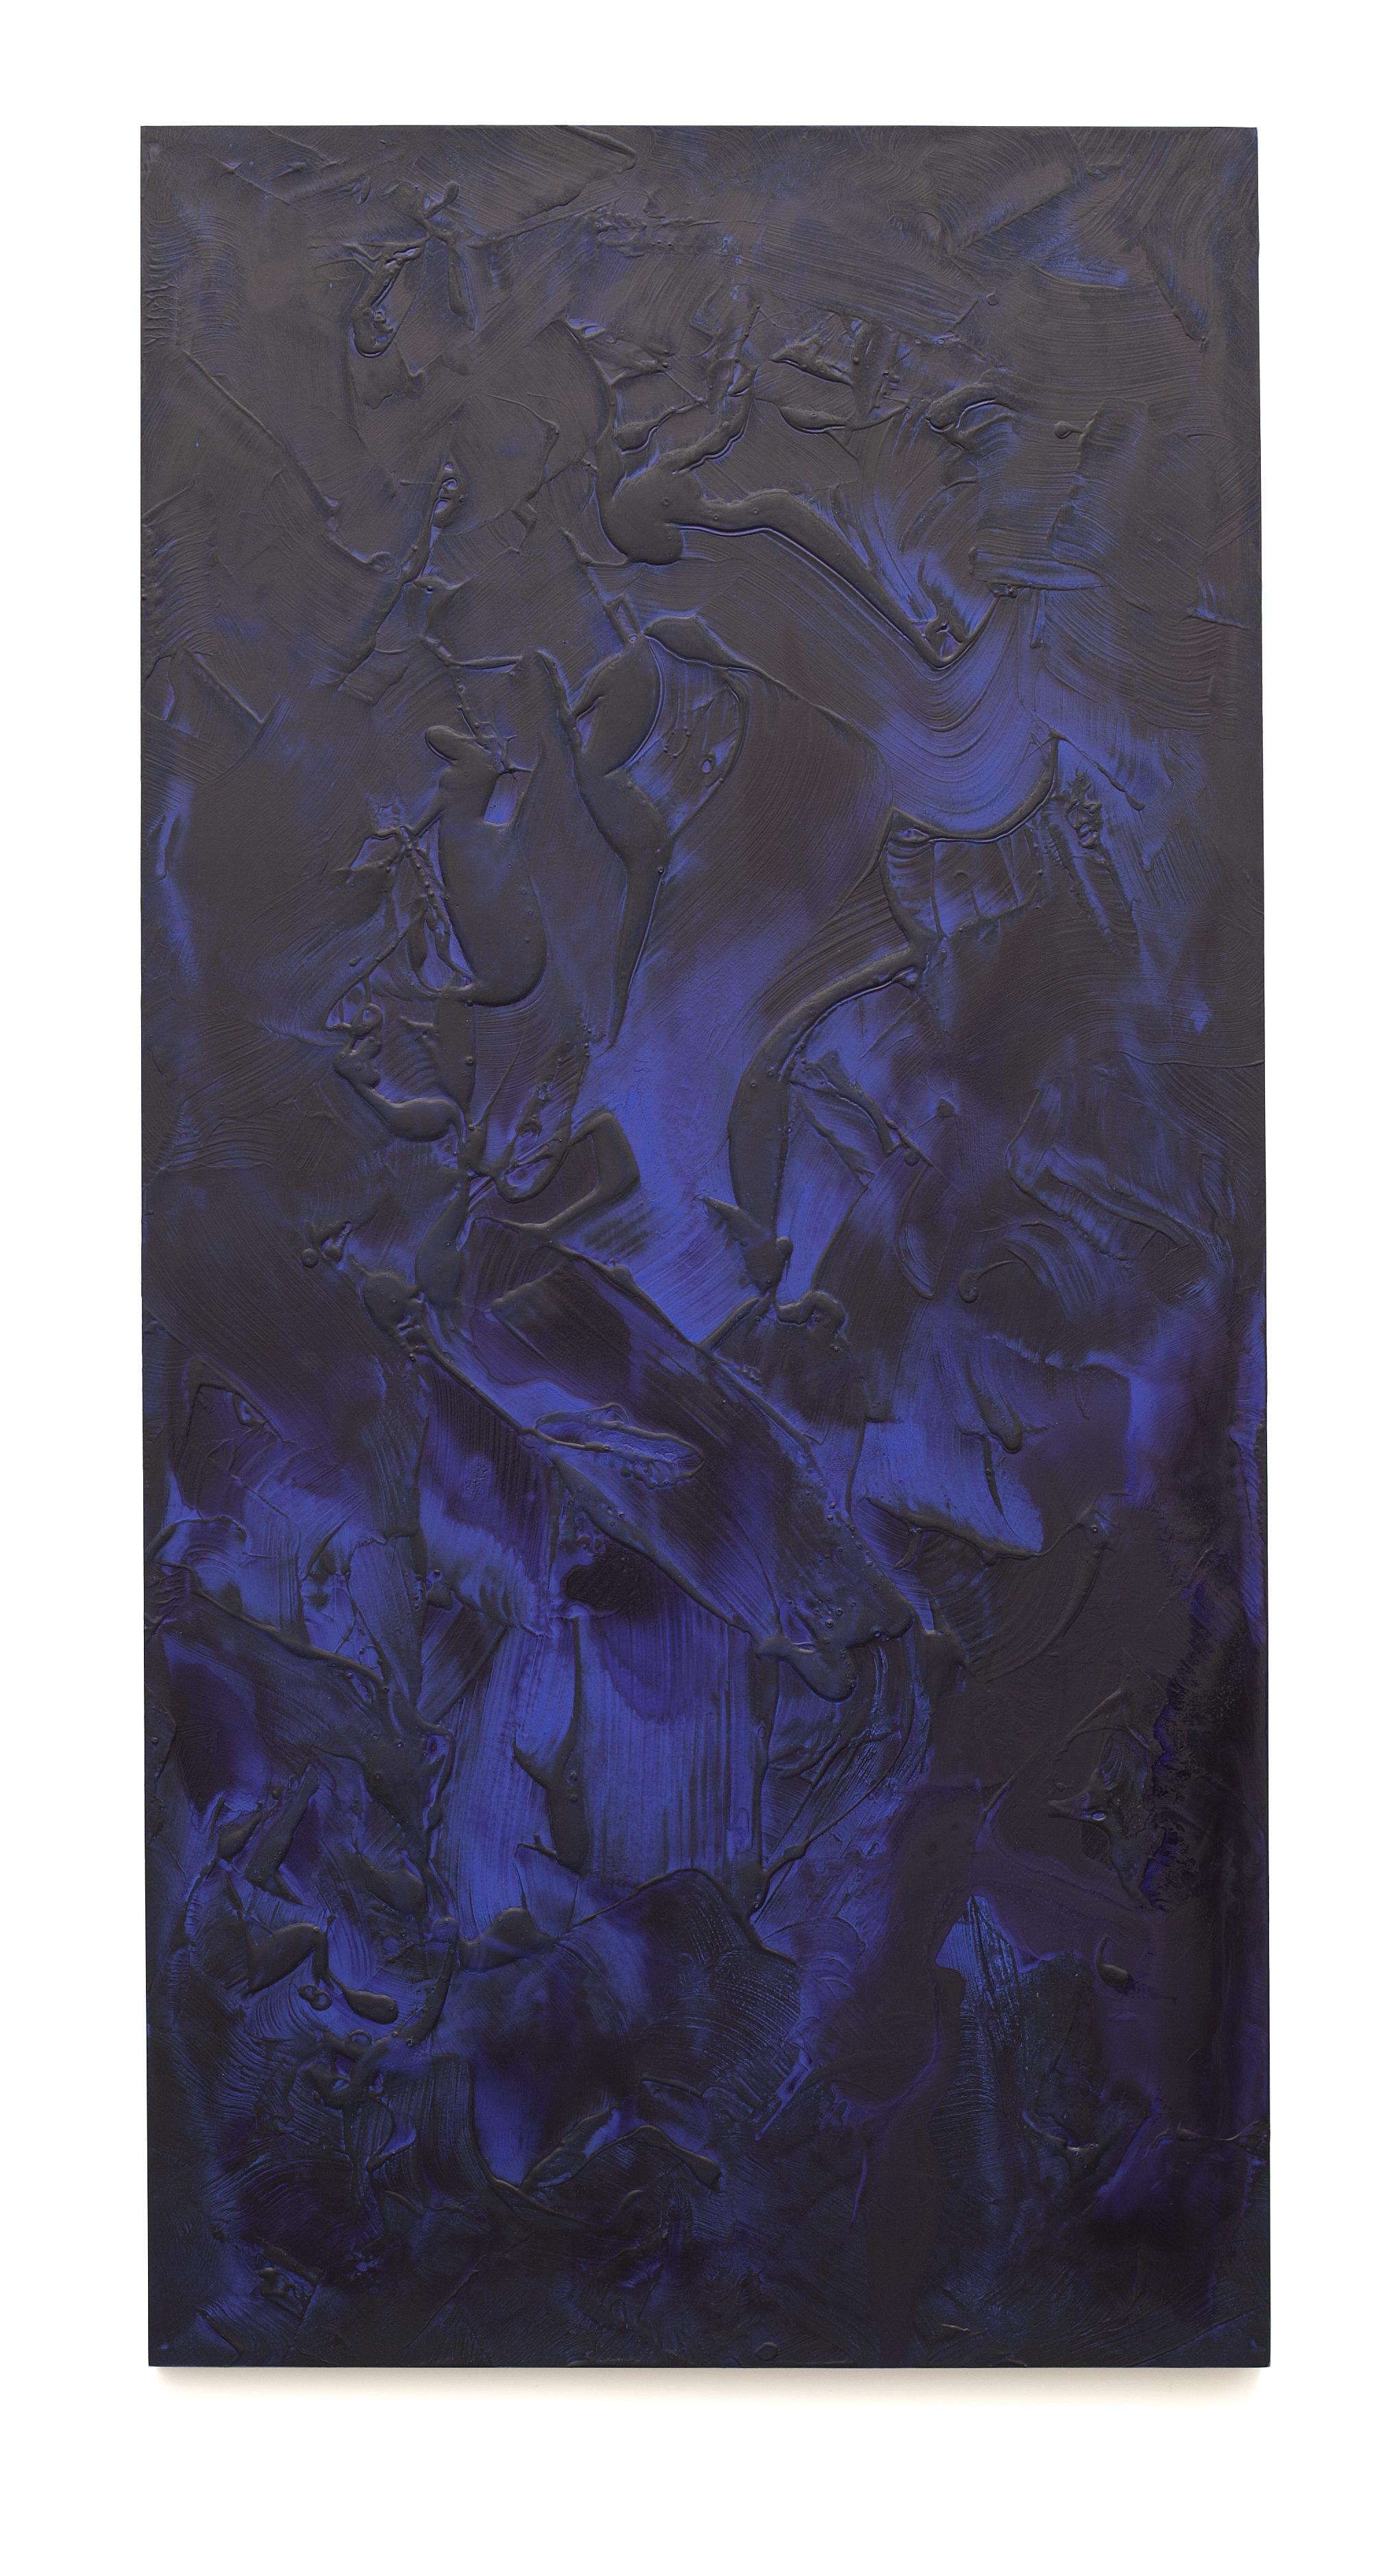 """Untitled (Can't Swim 07), 2018, Acrylic on archival foam board, 96"""" x 48"""""""